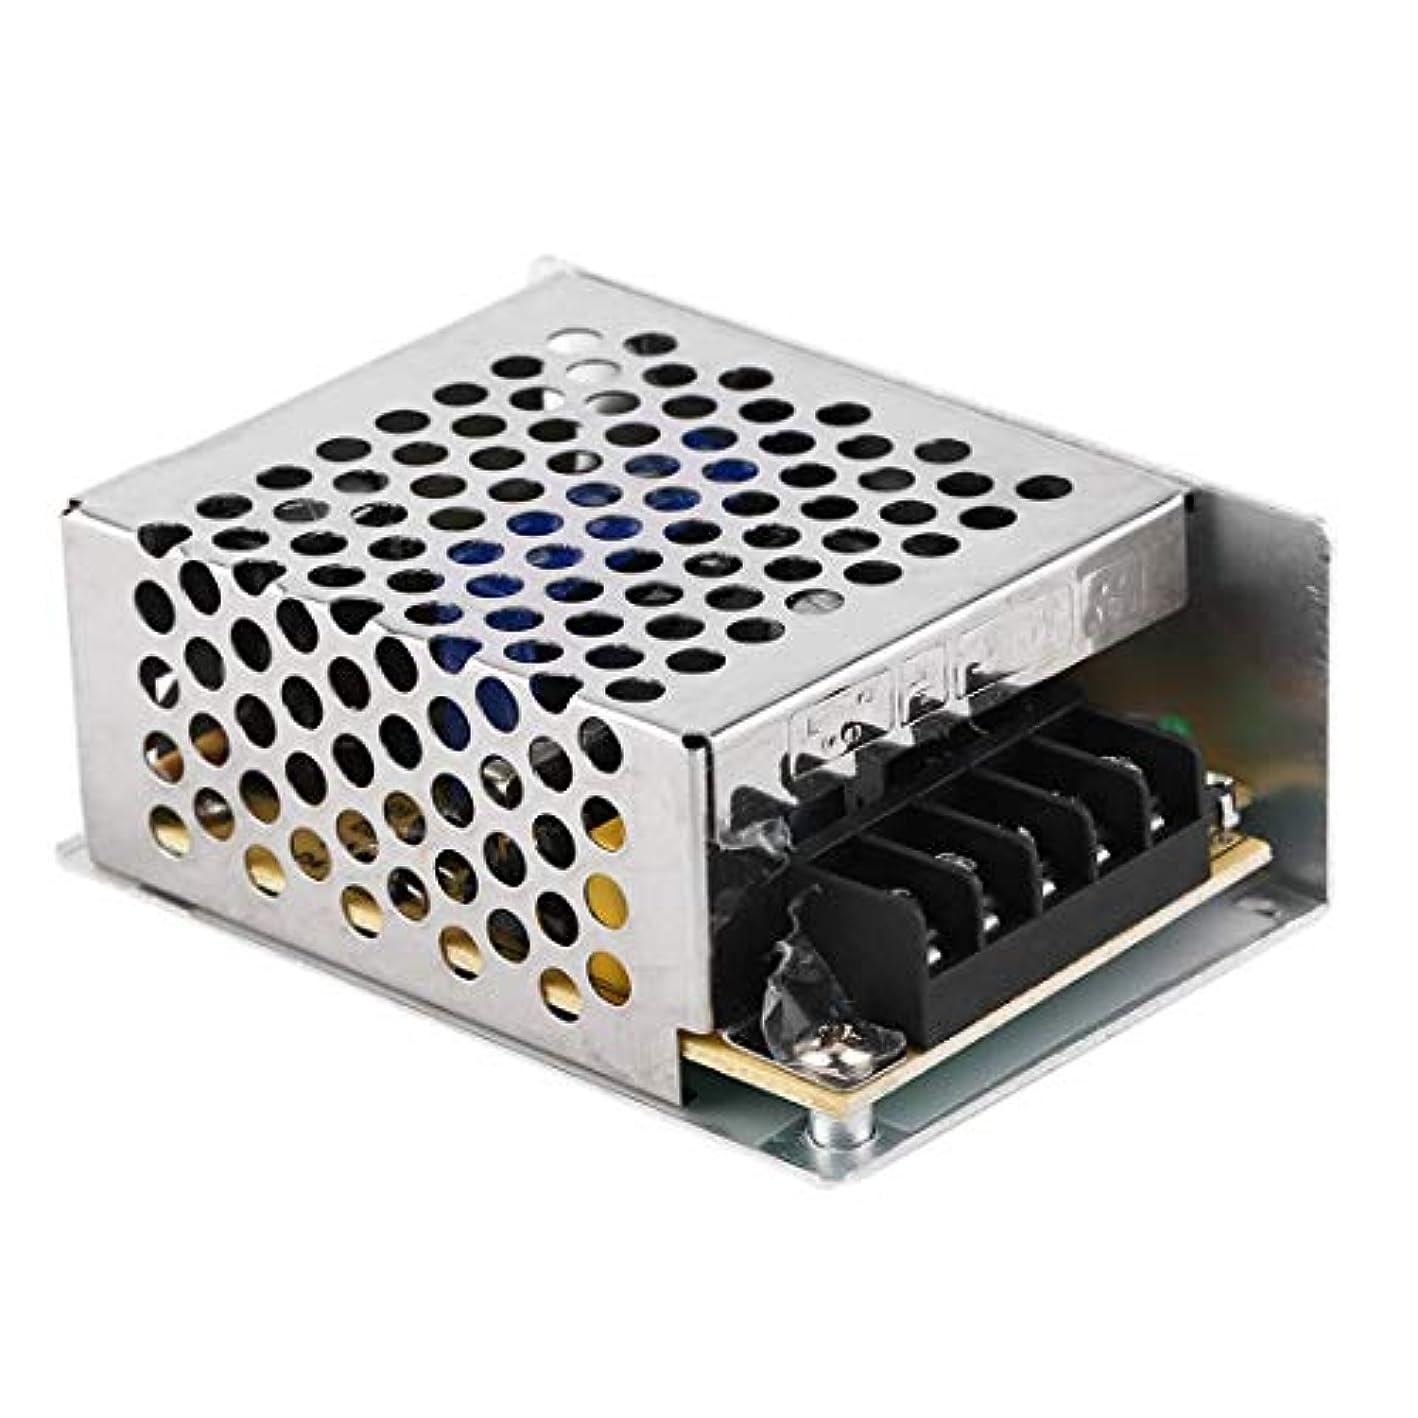 インフレーションバン外交官Swiftgood LEDライトのためのDCへの電源スイッチ変圧器100-240V 50 / 60HZ AC